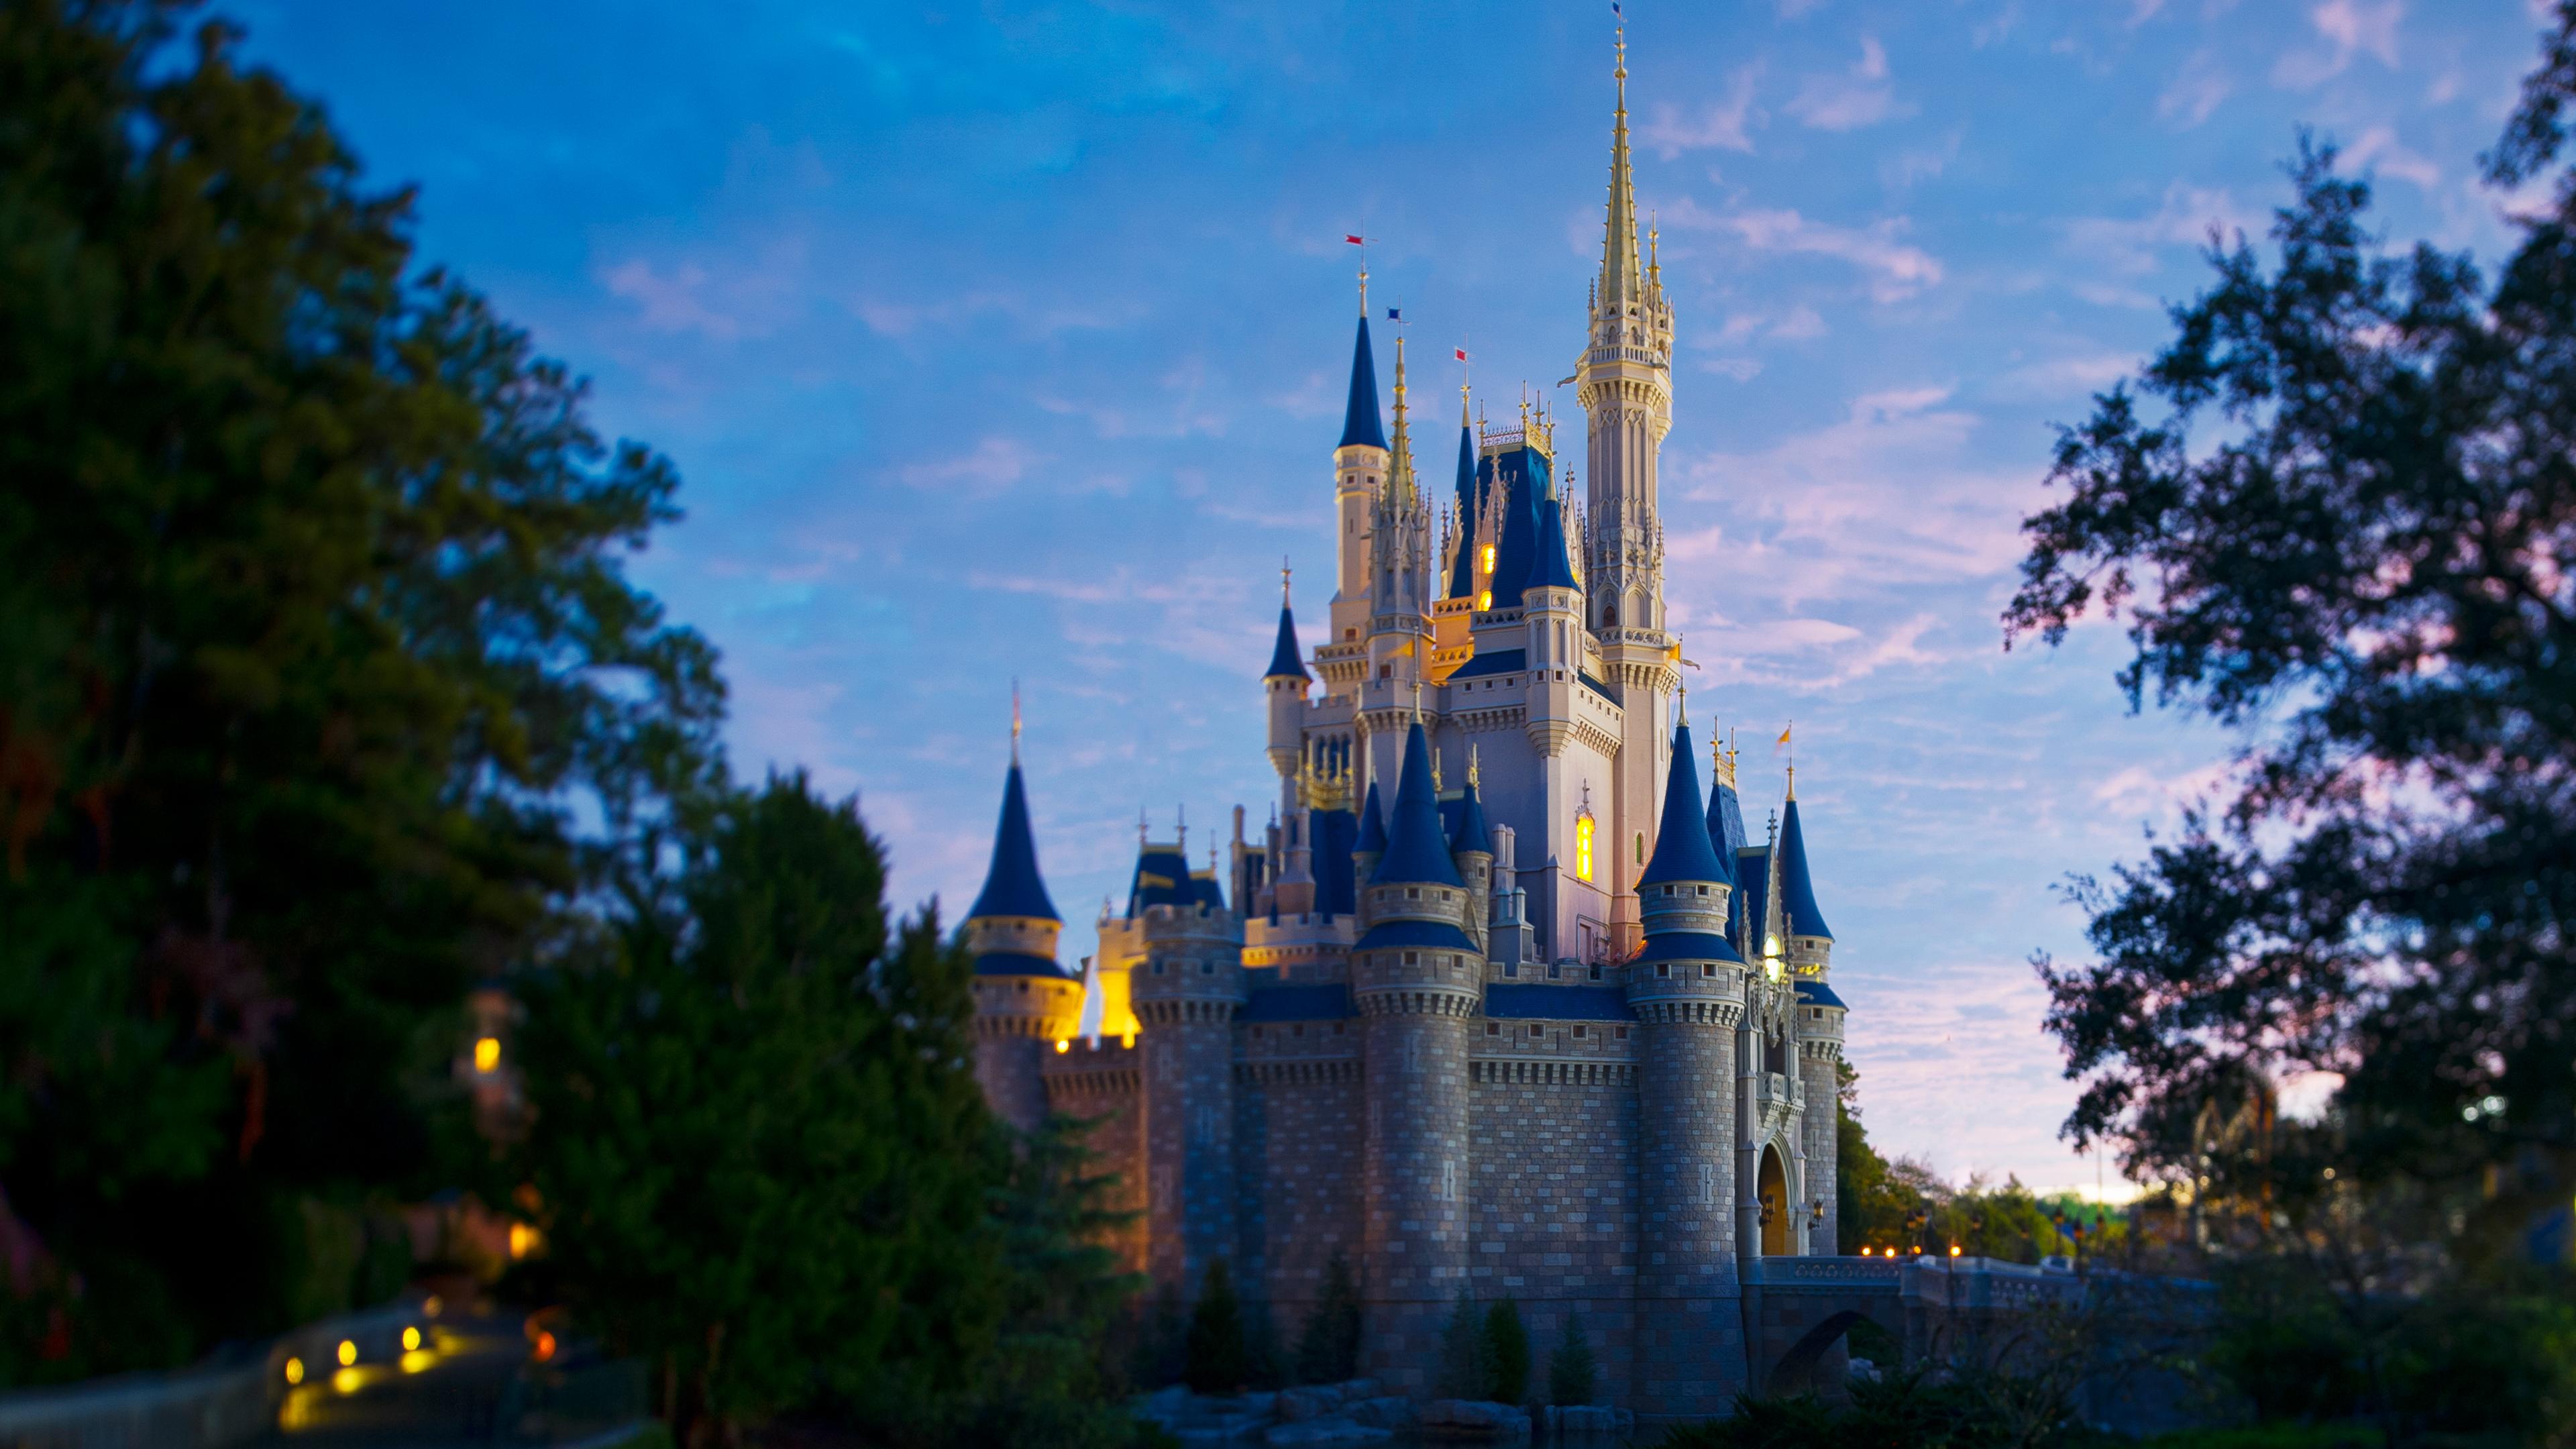 Castelo da Cinderela iluminado pelo pôr do sol no Walt Disney World Resort na Flórida